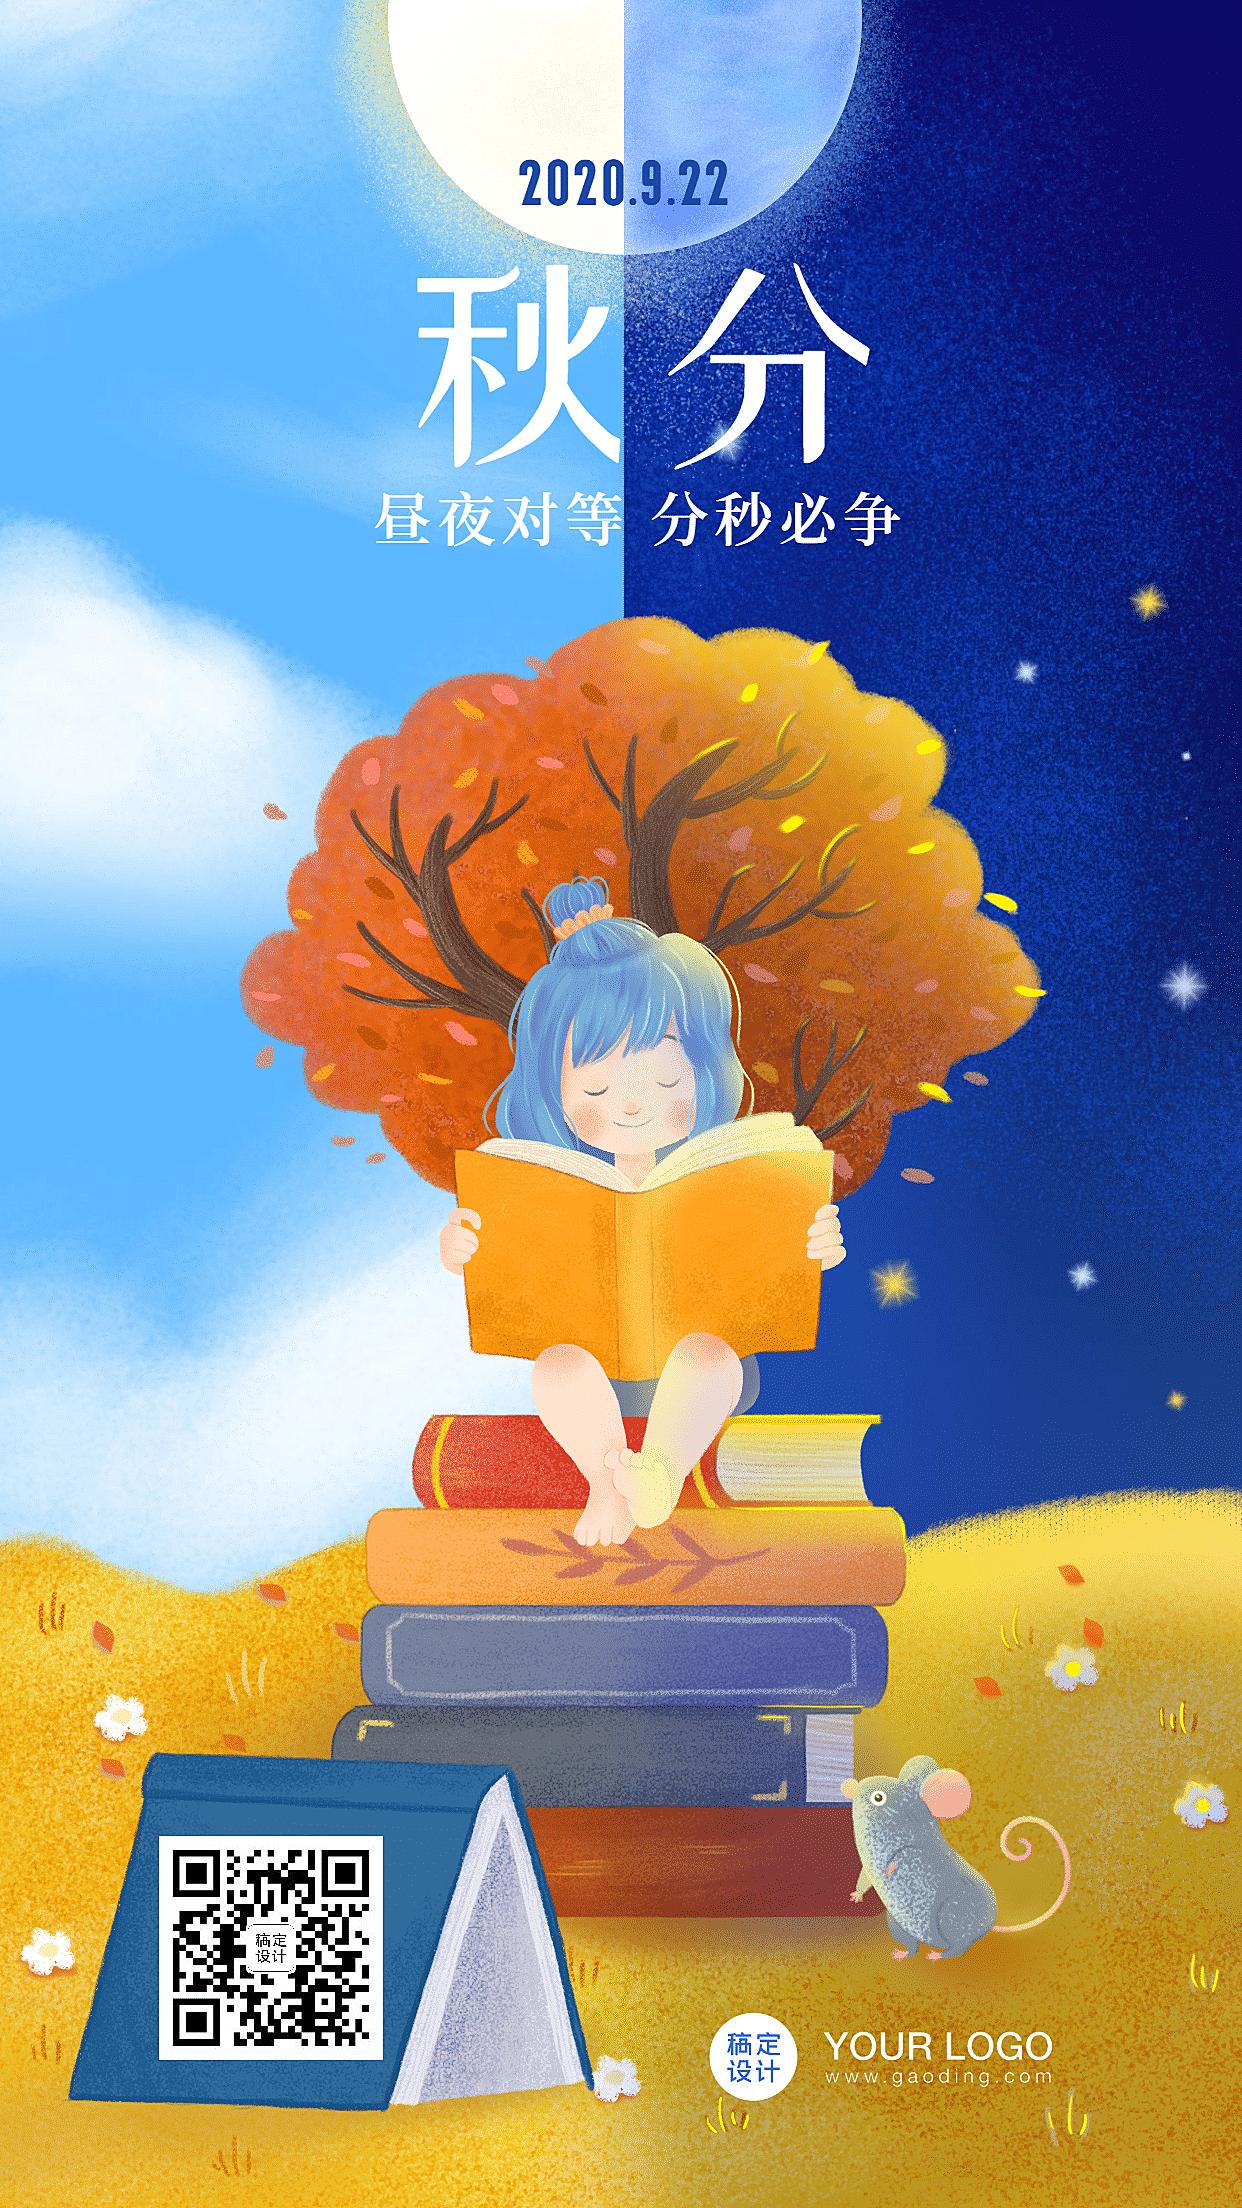 秋分节气教育学习读书手机海报